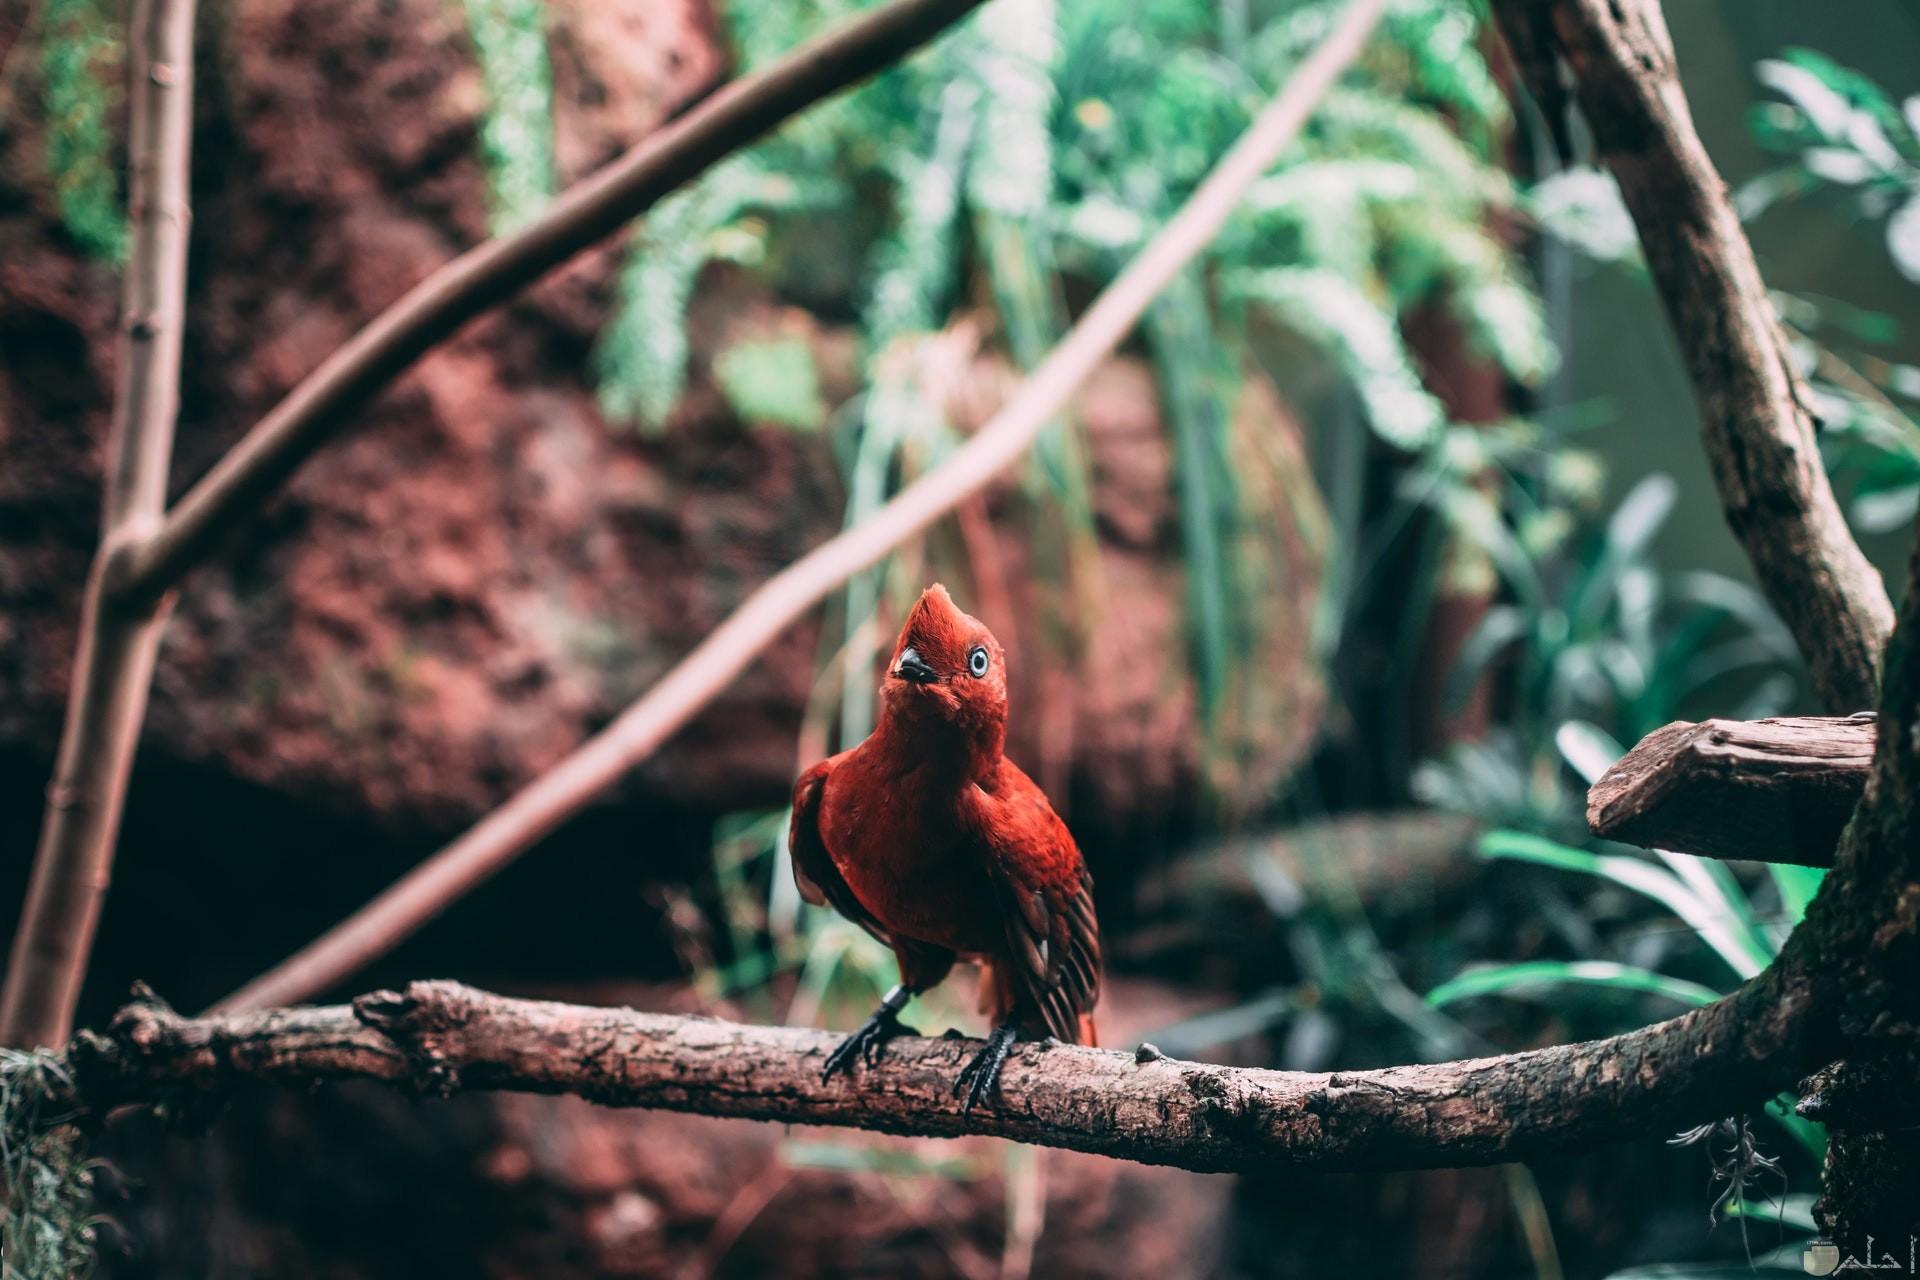 صورة جميلة جدا لطائر أحمر واقف علي غصن شجرة